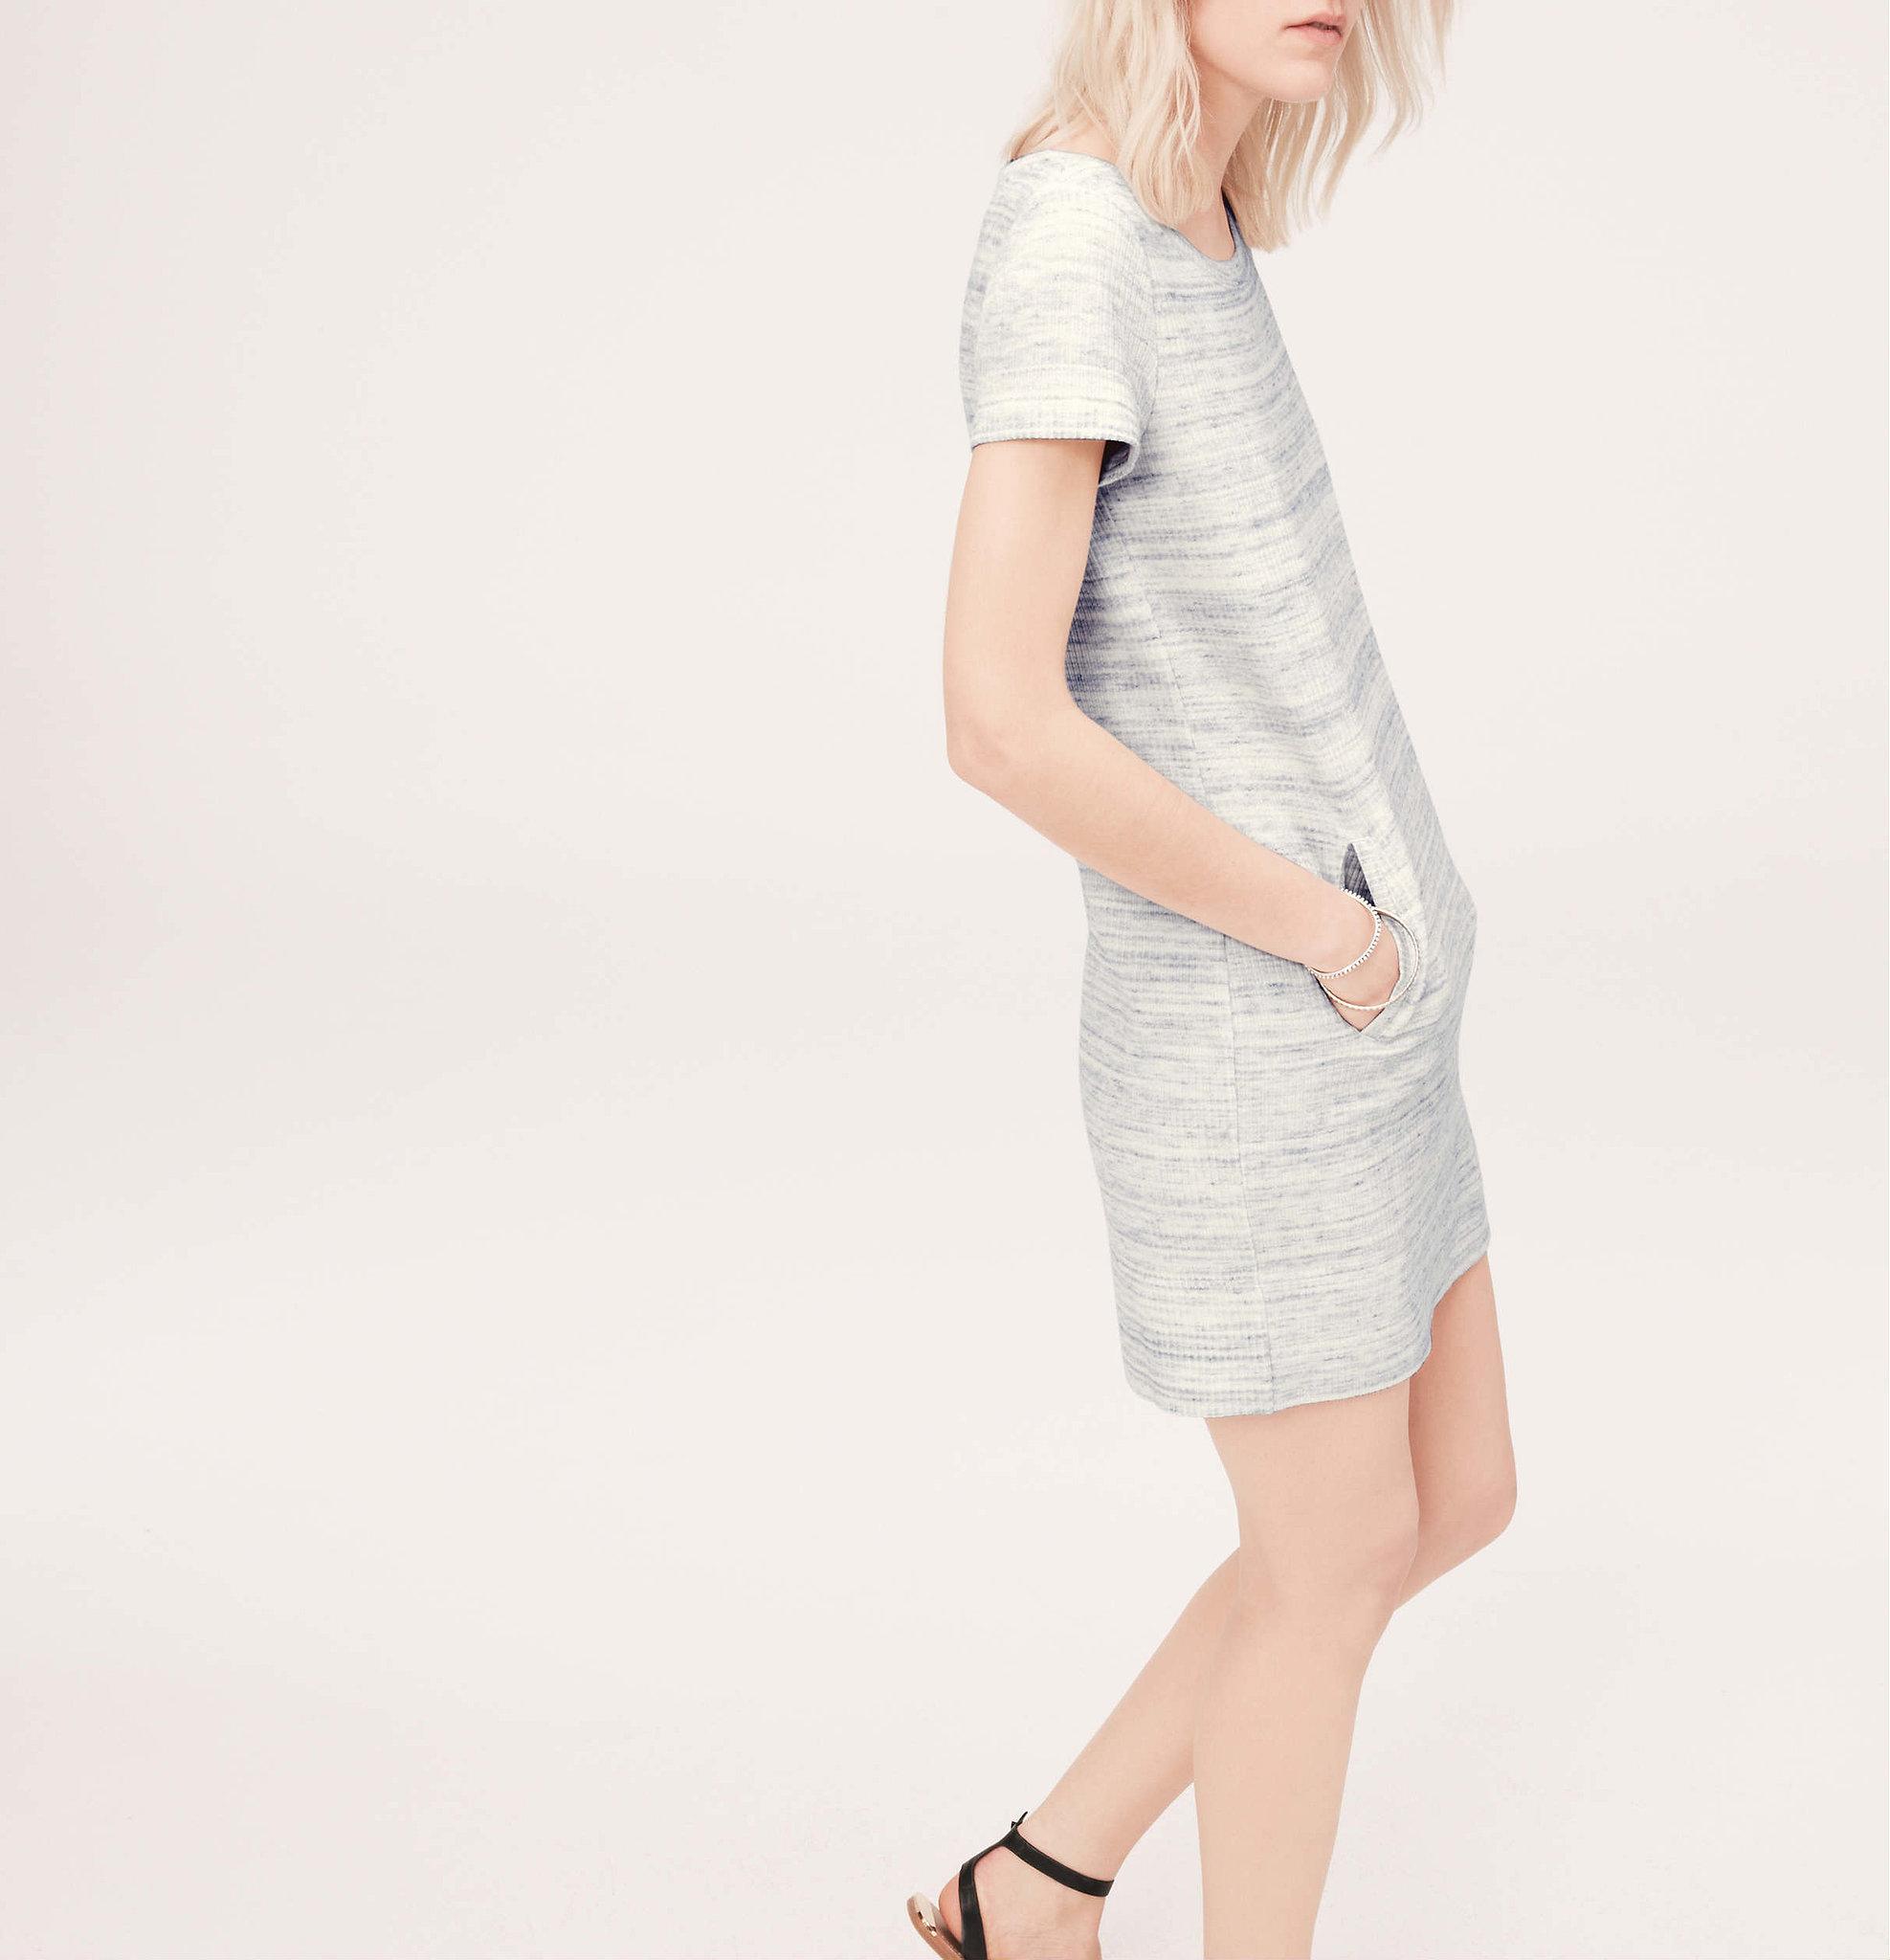 Lou & Grey Zip Pocket Spacedye Dress